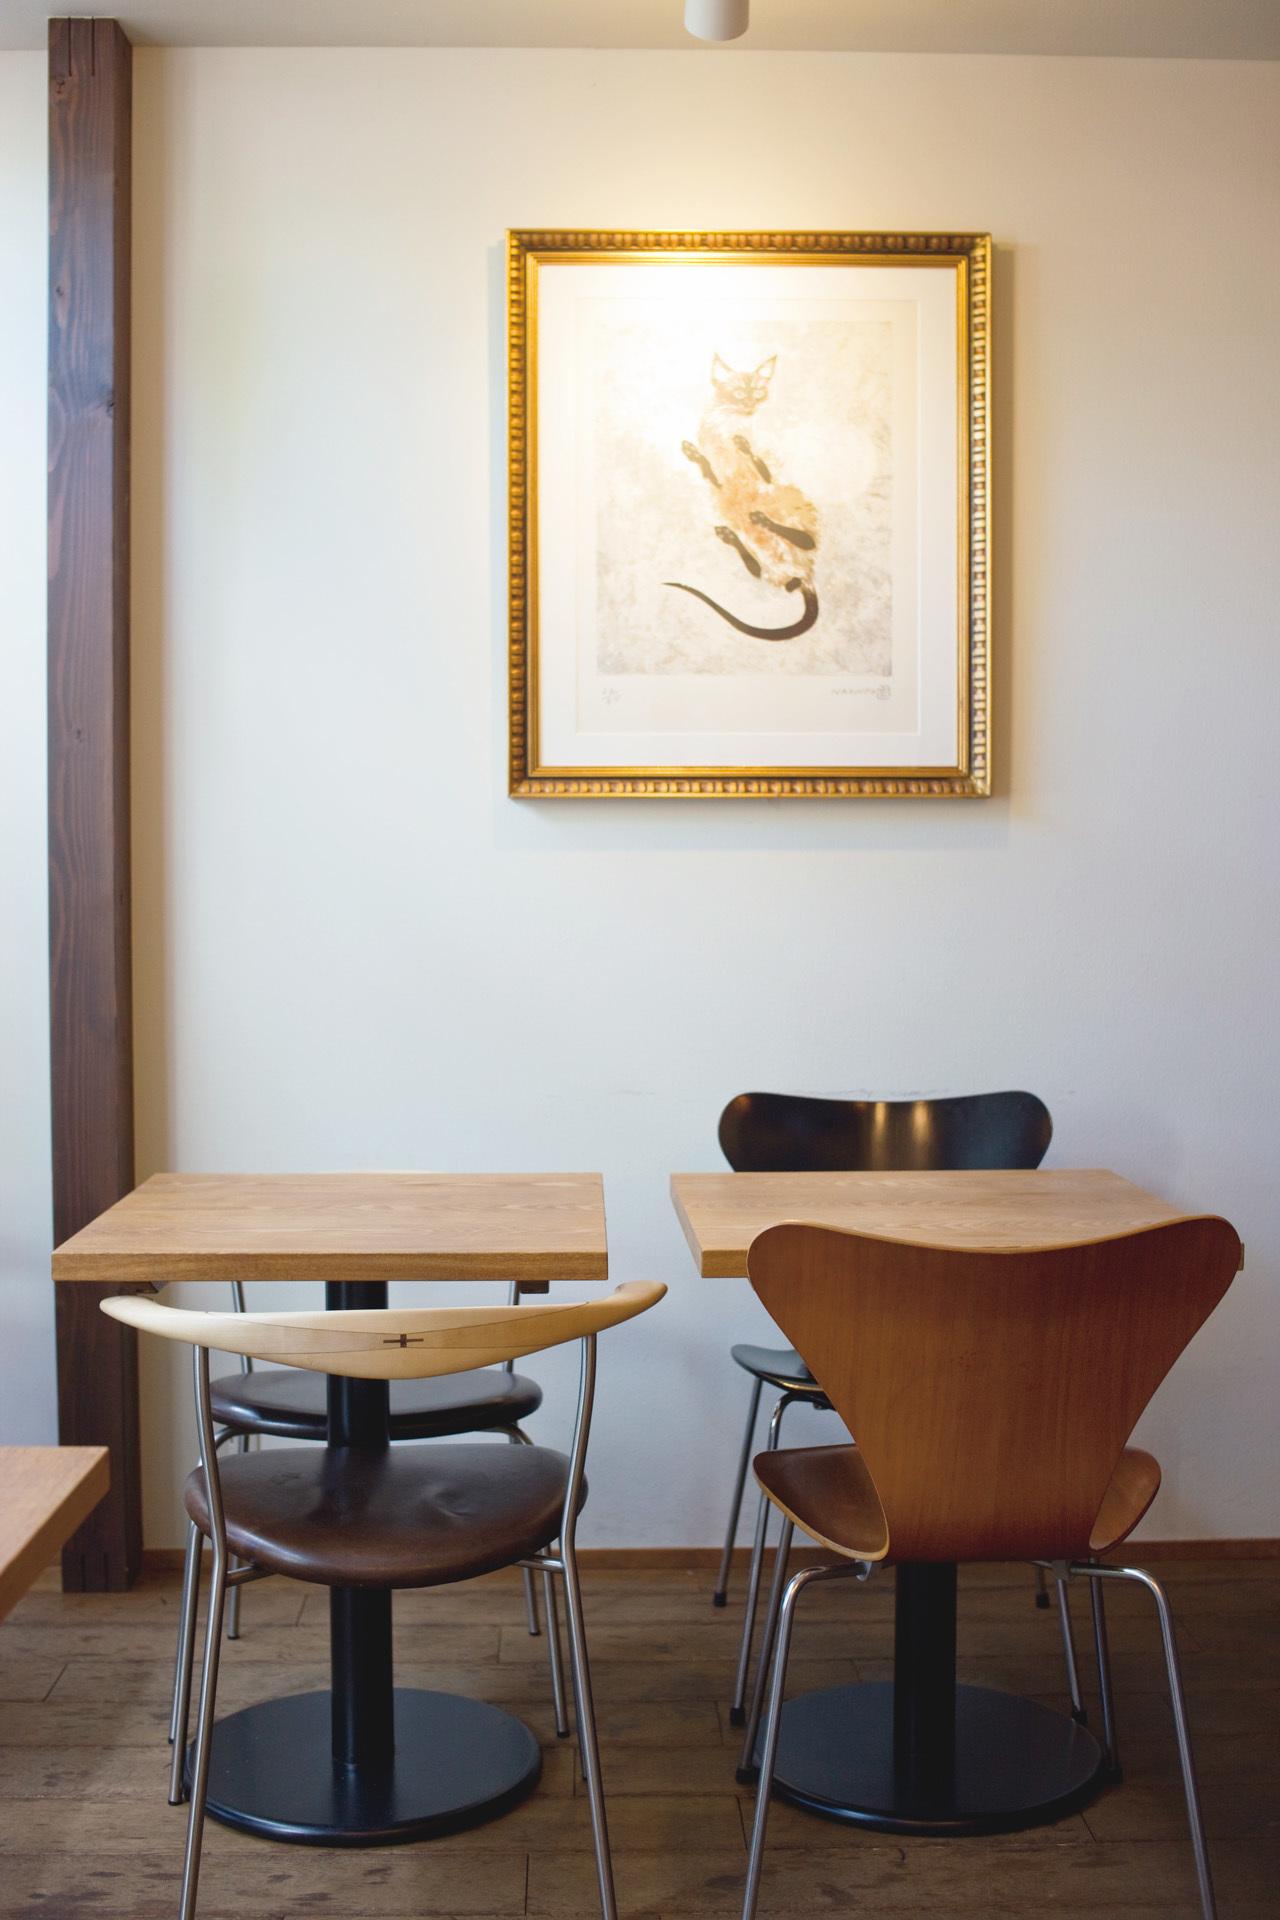 大人のための居心地のいいカフェ ULUCUS_1_1-1